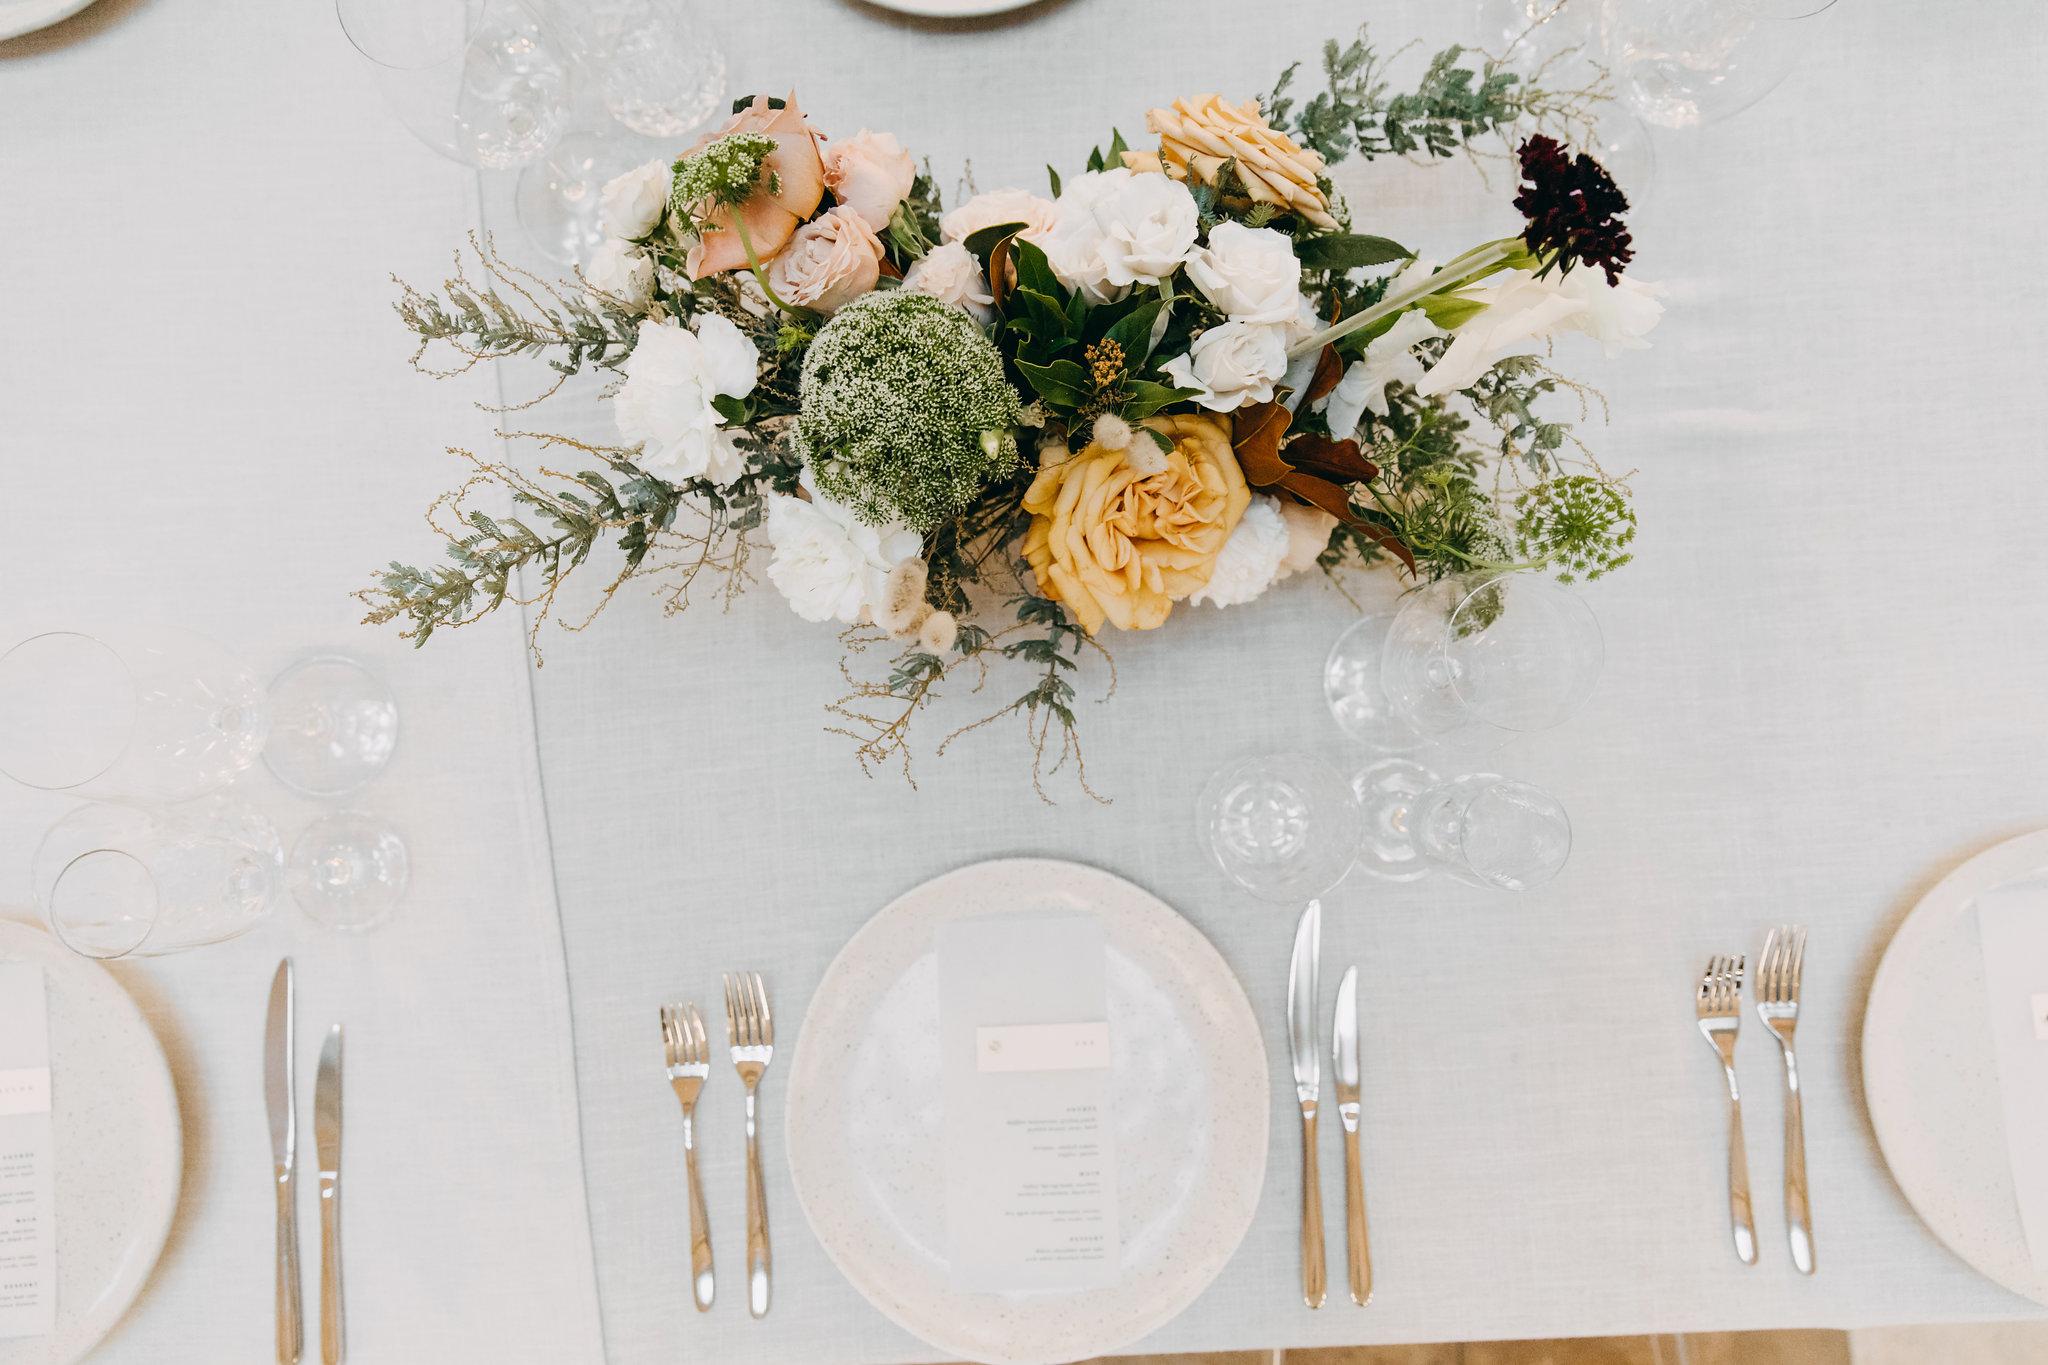 WEDDINGOPENDAY-STATEBUILDINGS-APR2018-9